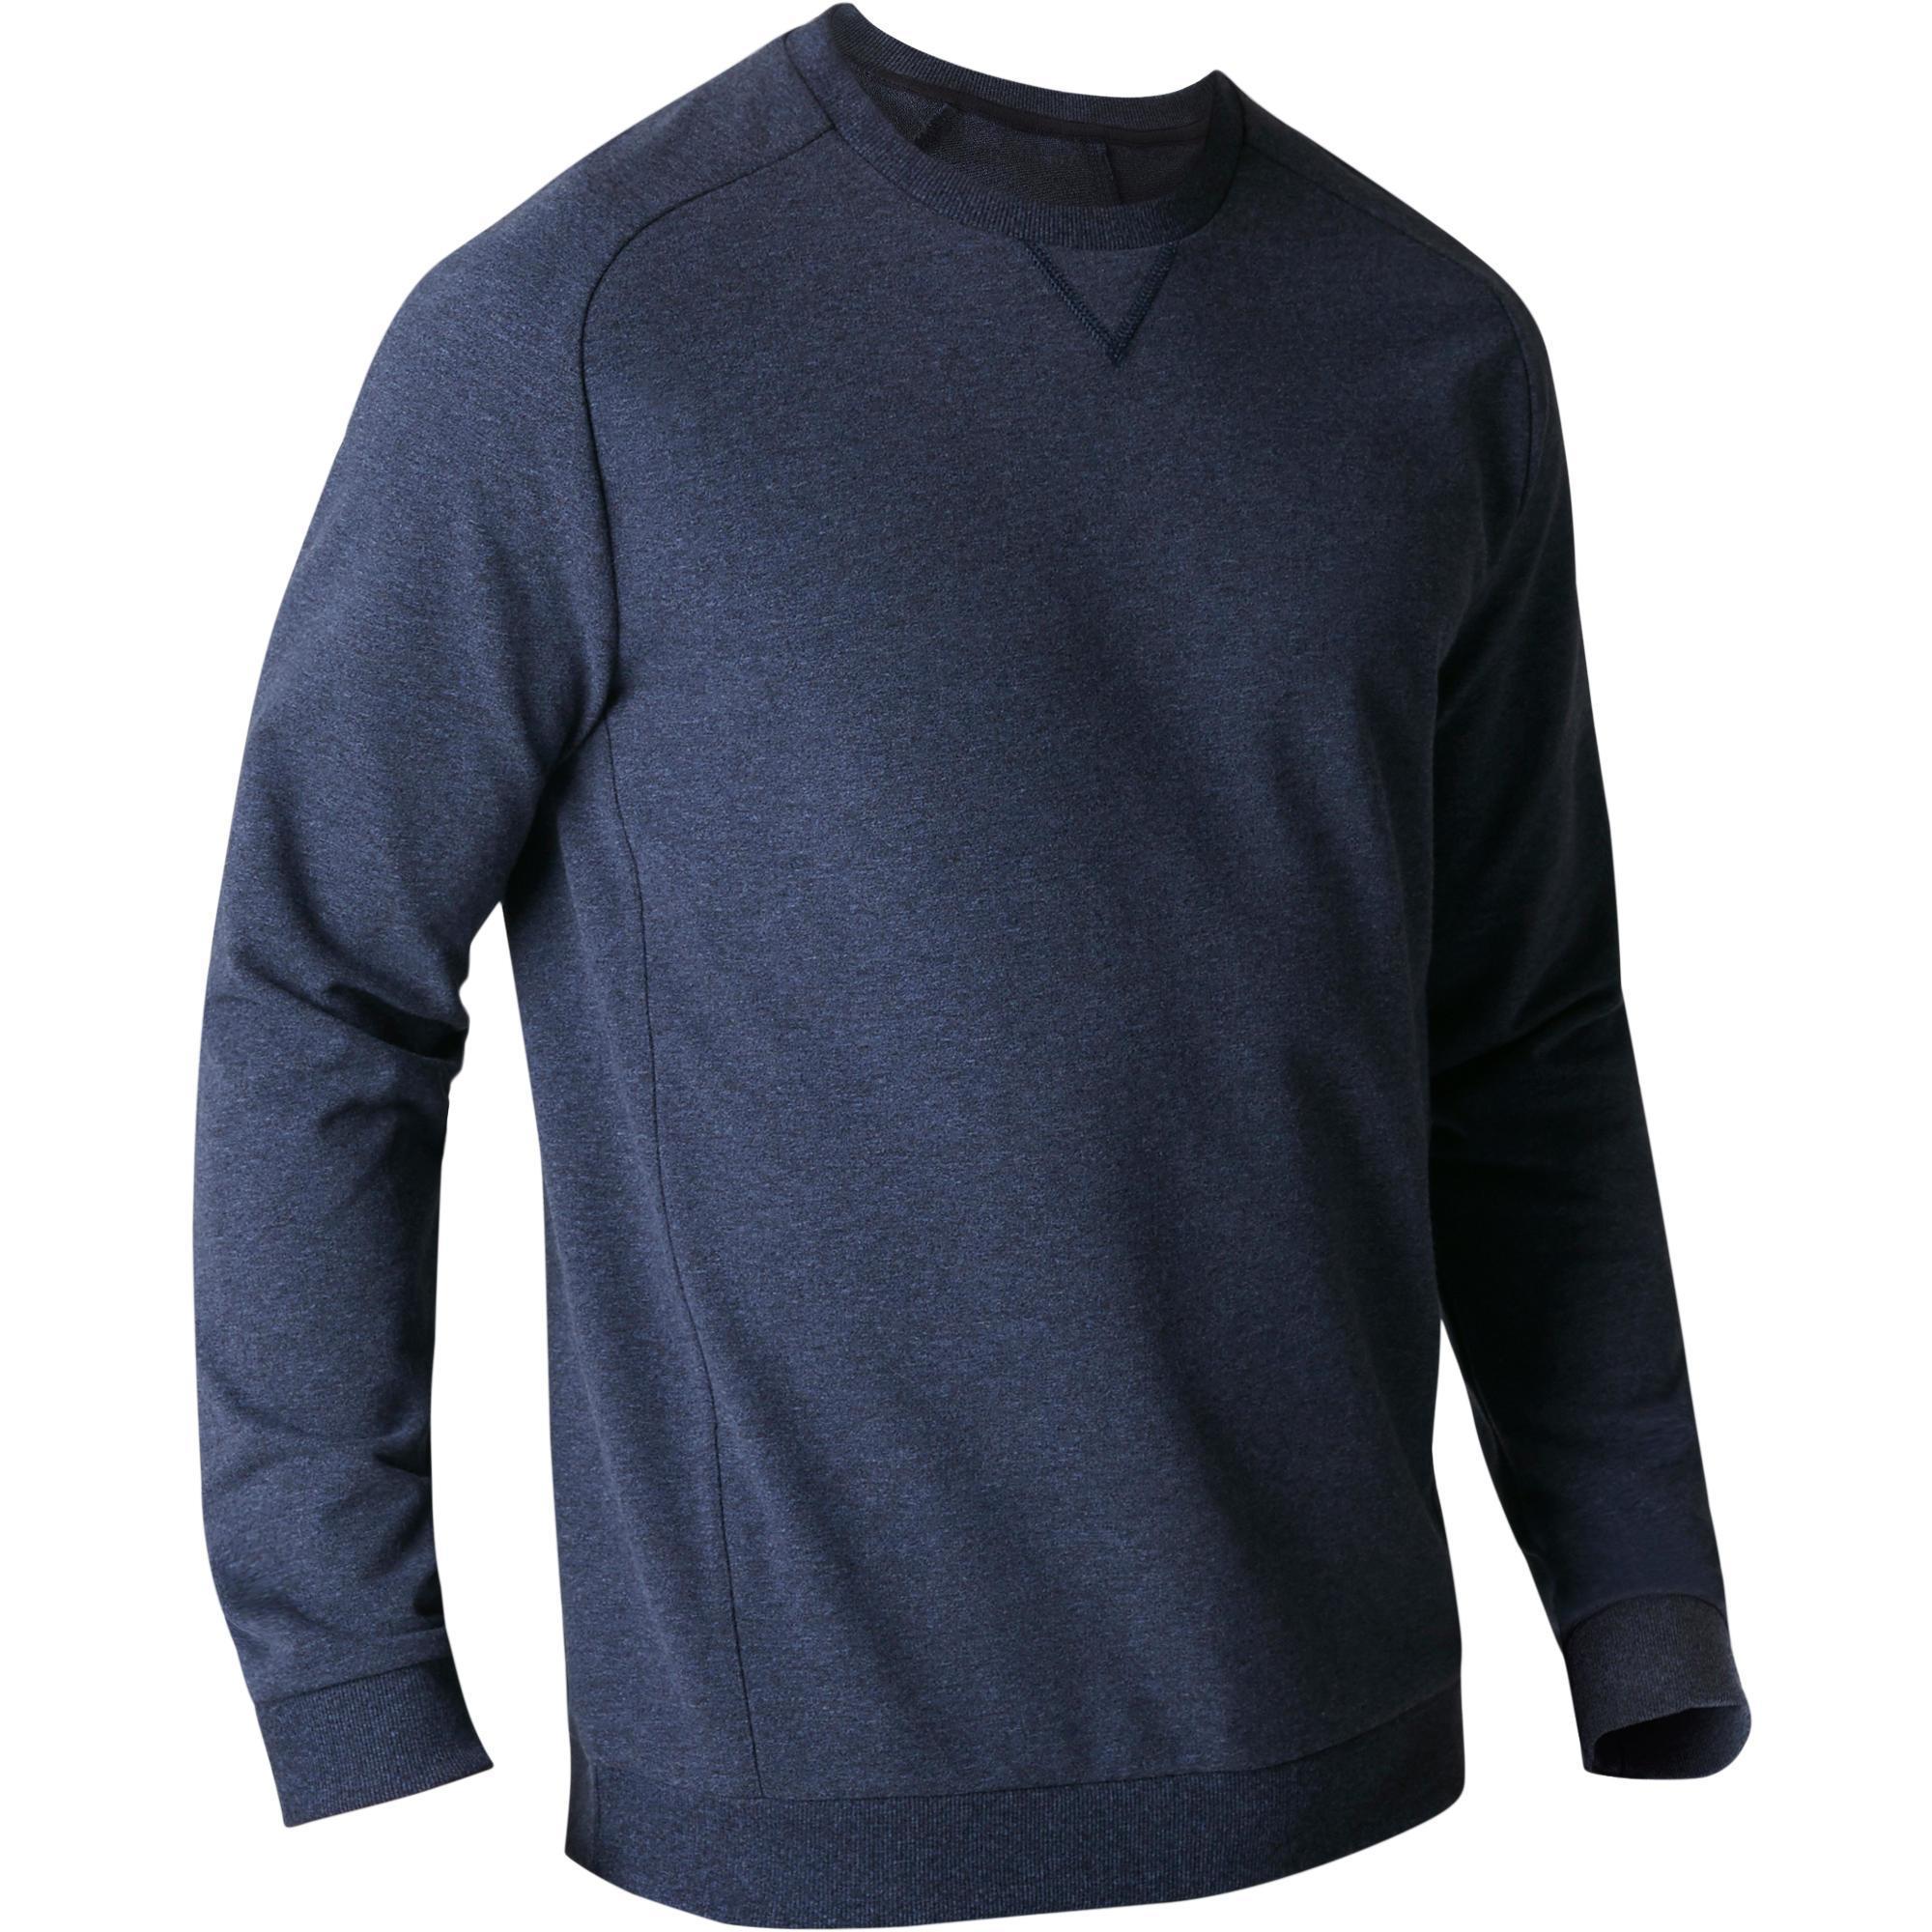 Copaya Herensweater 500 voor gym en stretching blauw